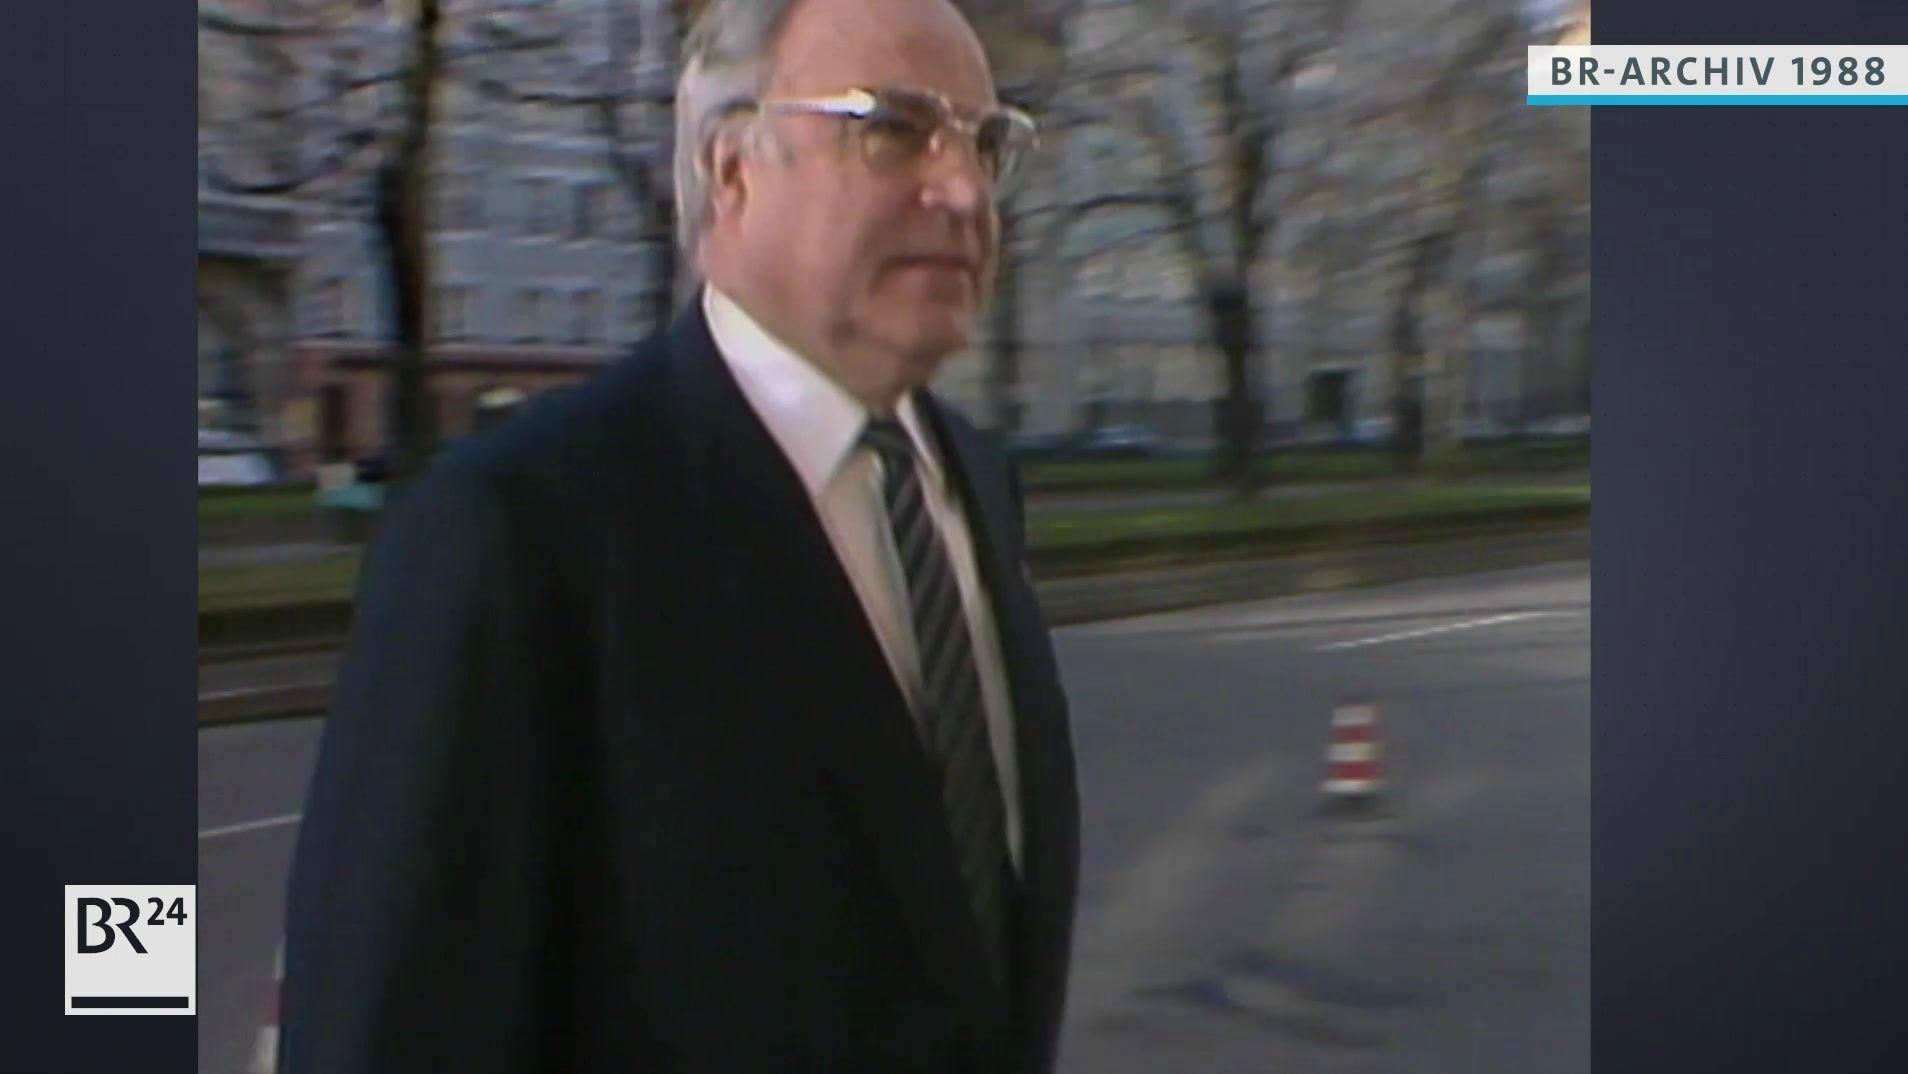 Bundeskanzler Helmut Kohl bei Ankunft am Tagungsort in München